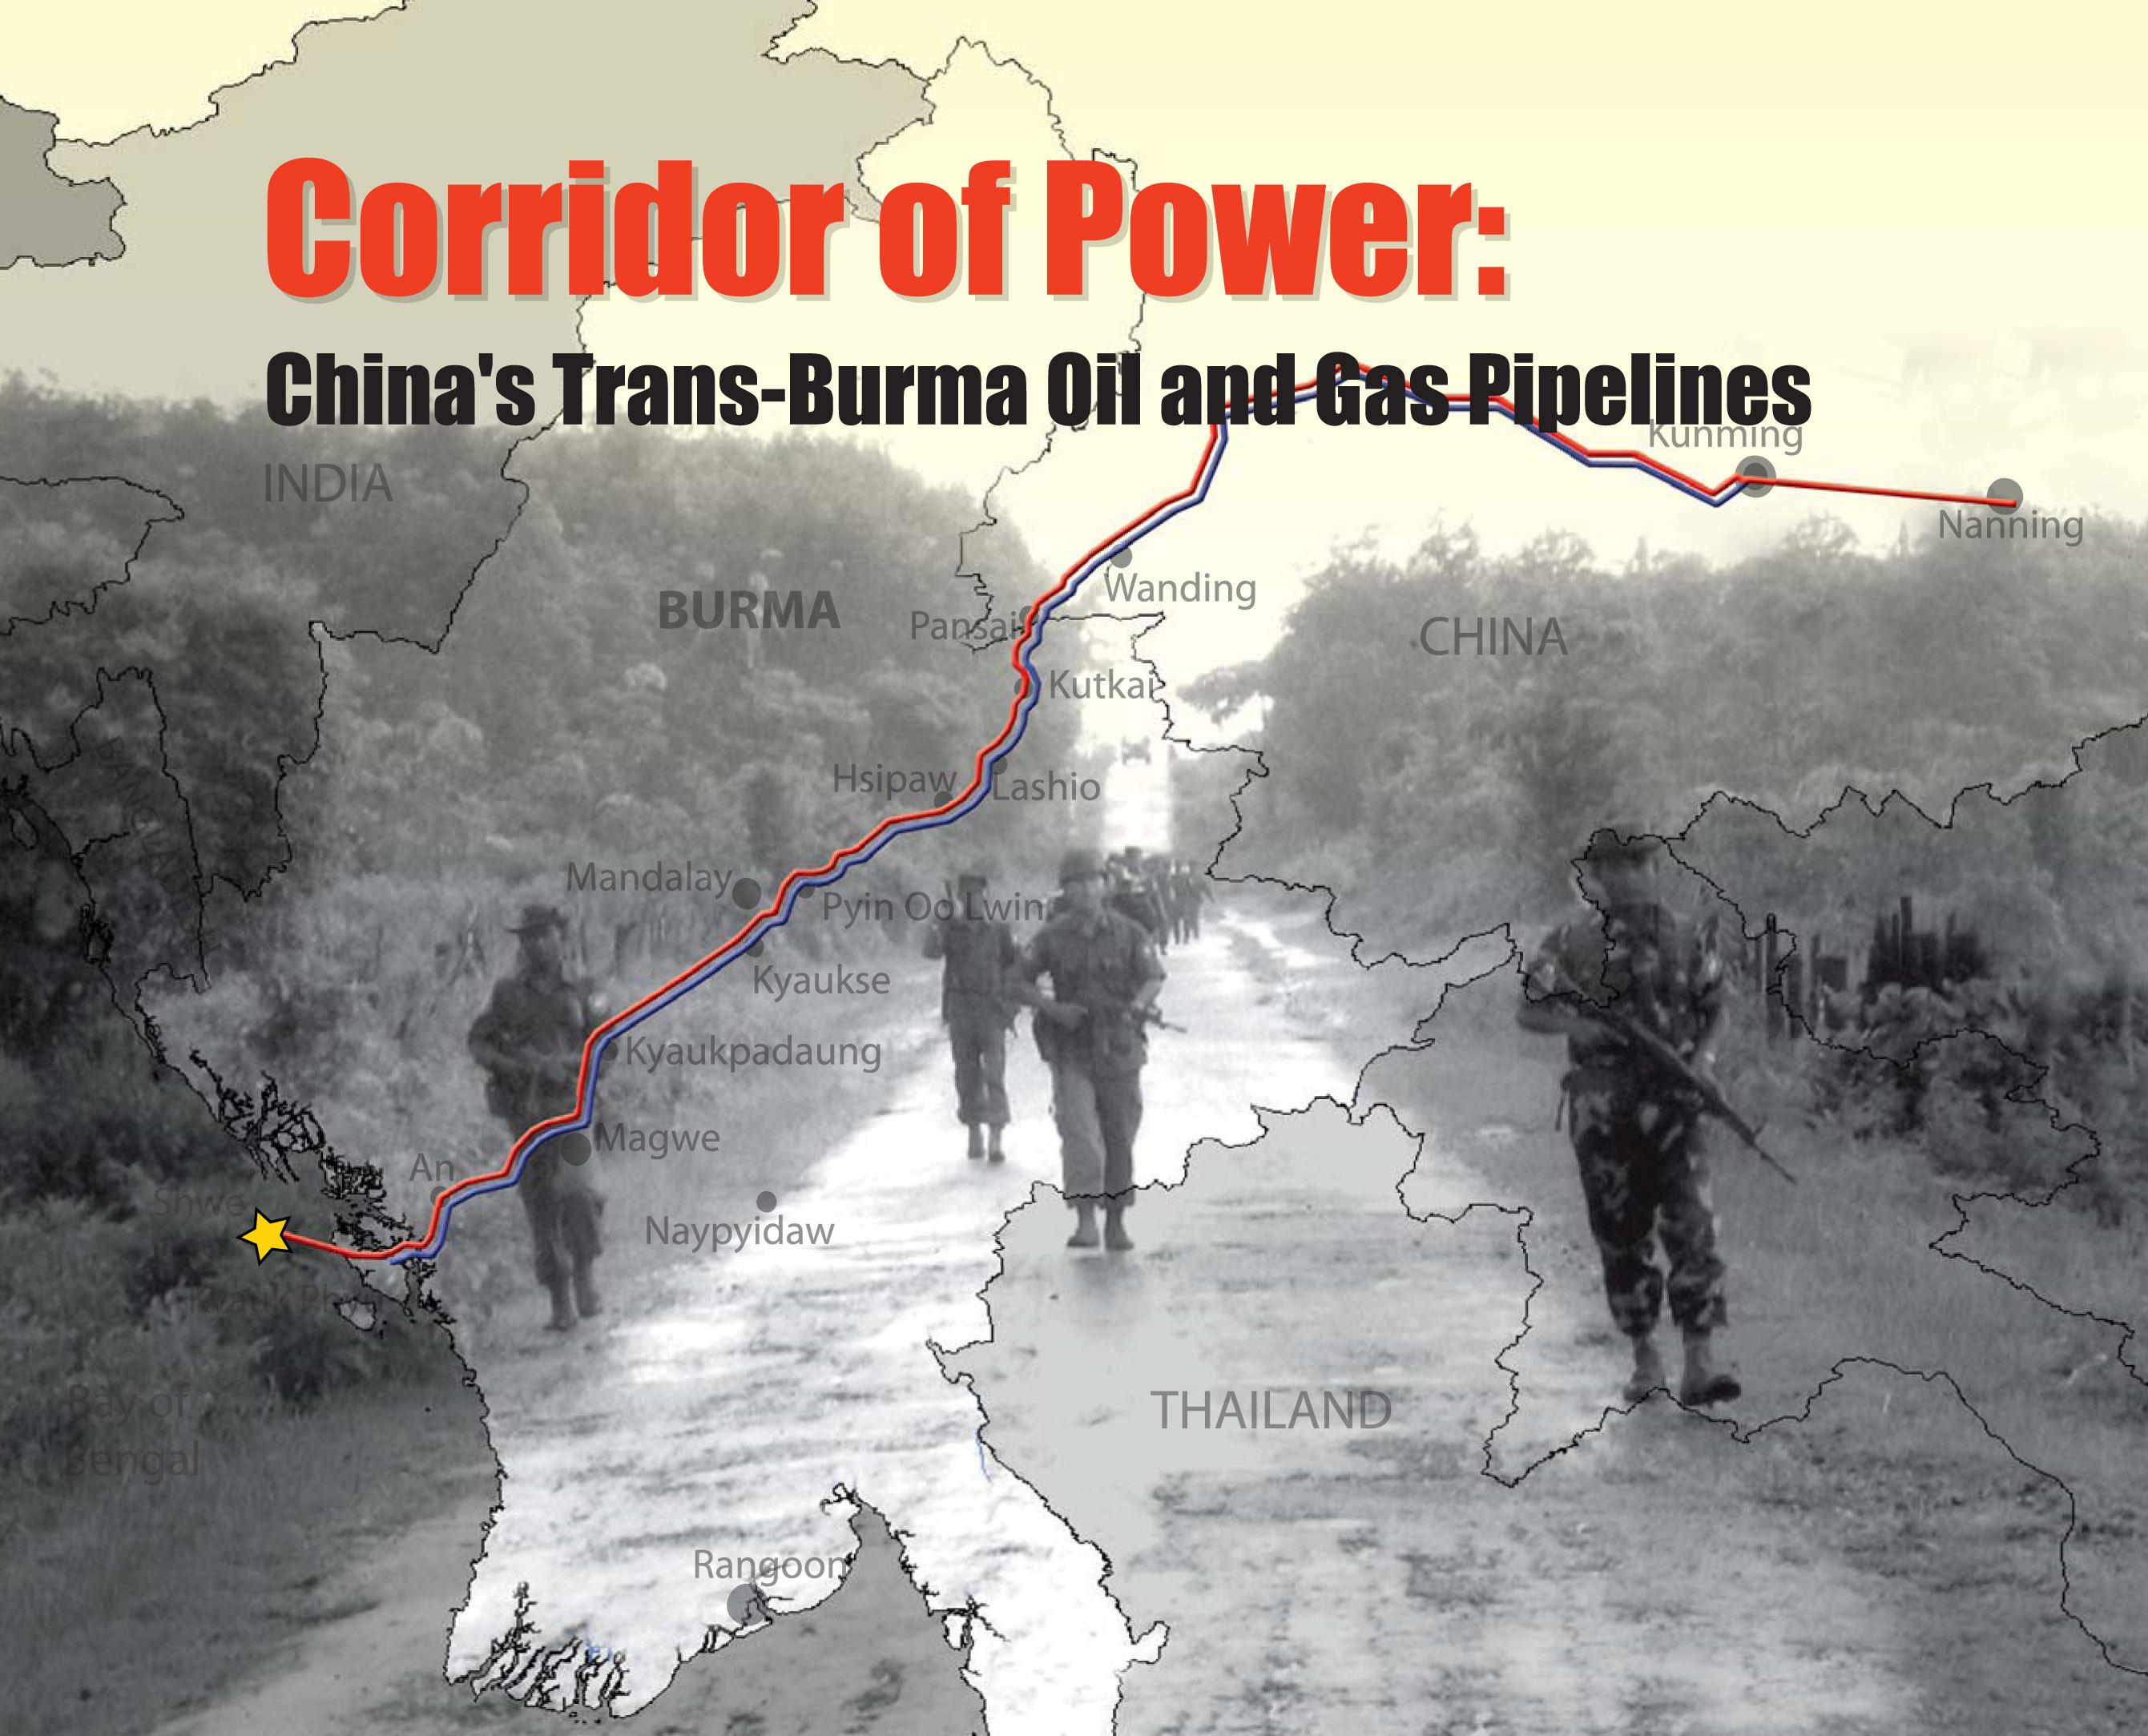 La société civile birmane est préoccupée par l'utilisation des ressources naturelles au détriment des communautés locales